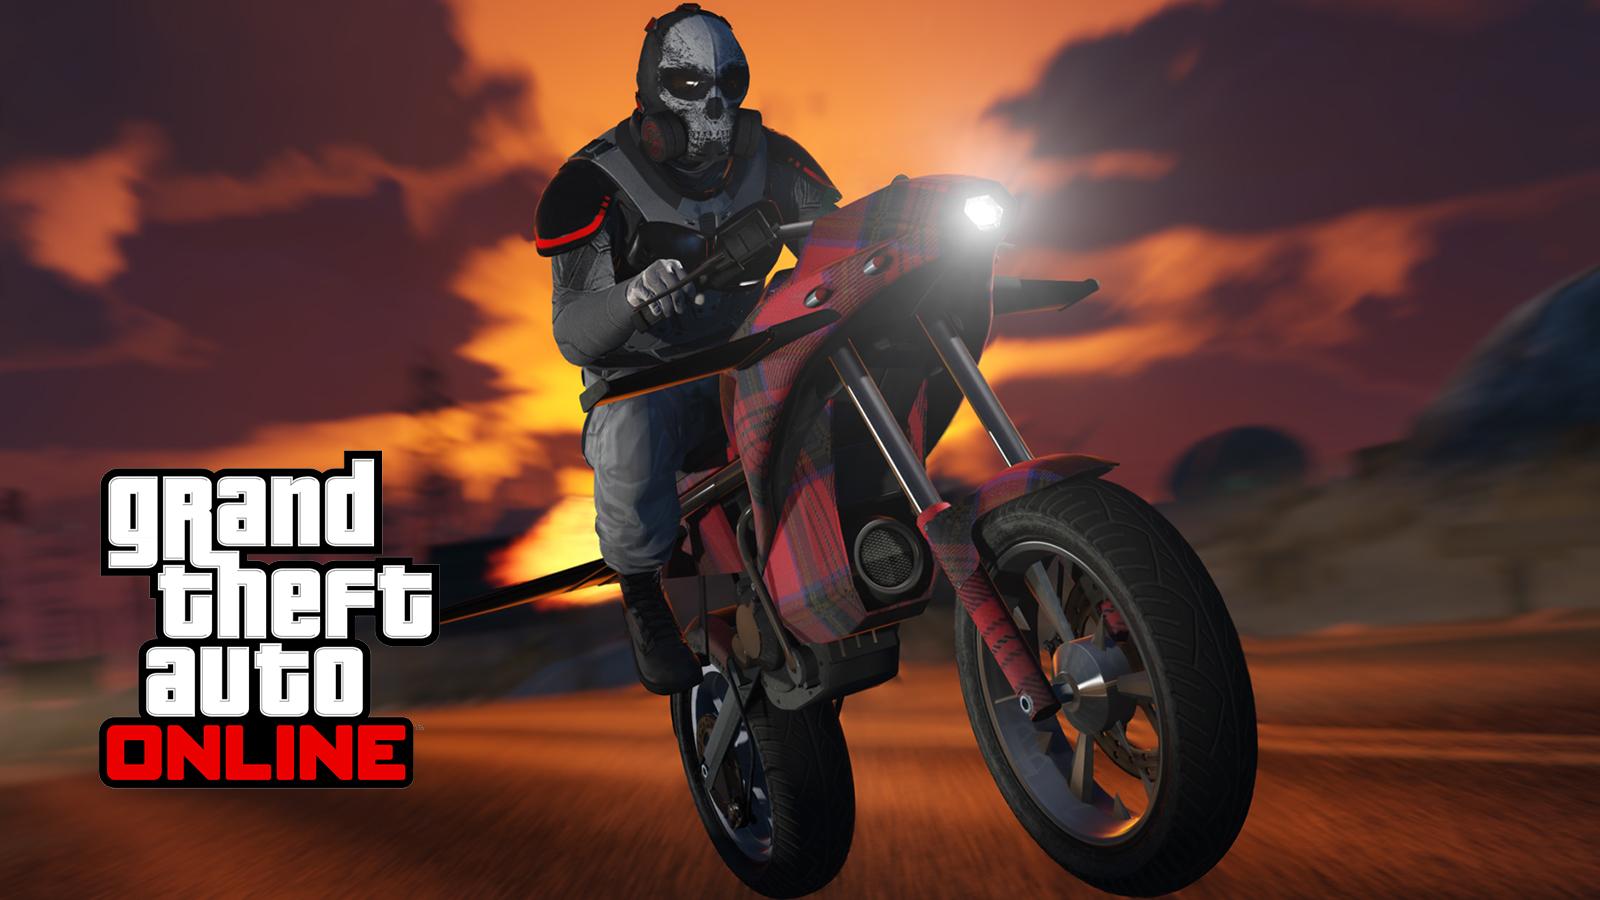 GTA Online Oppressor MK1 Stunt